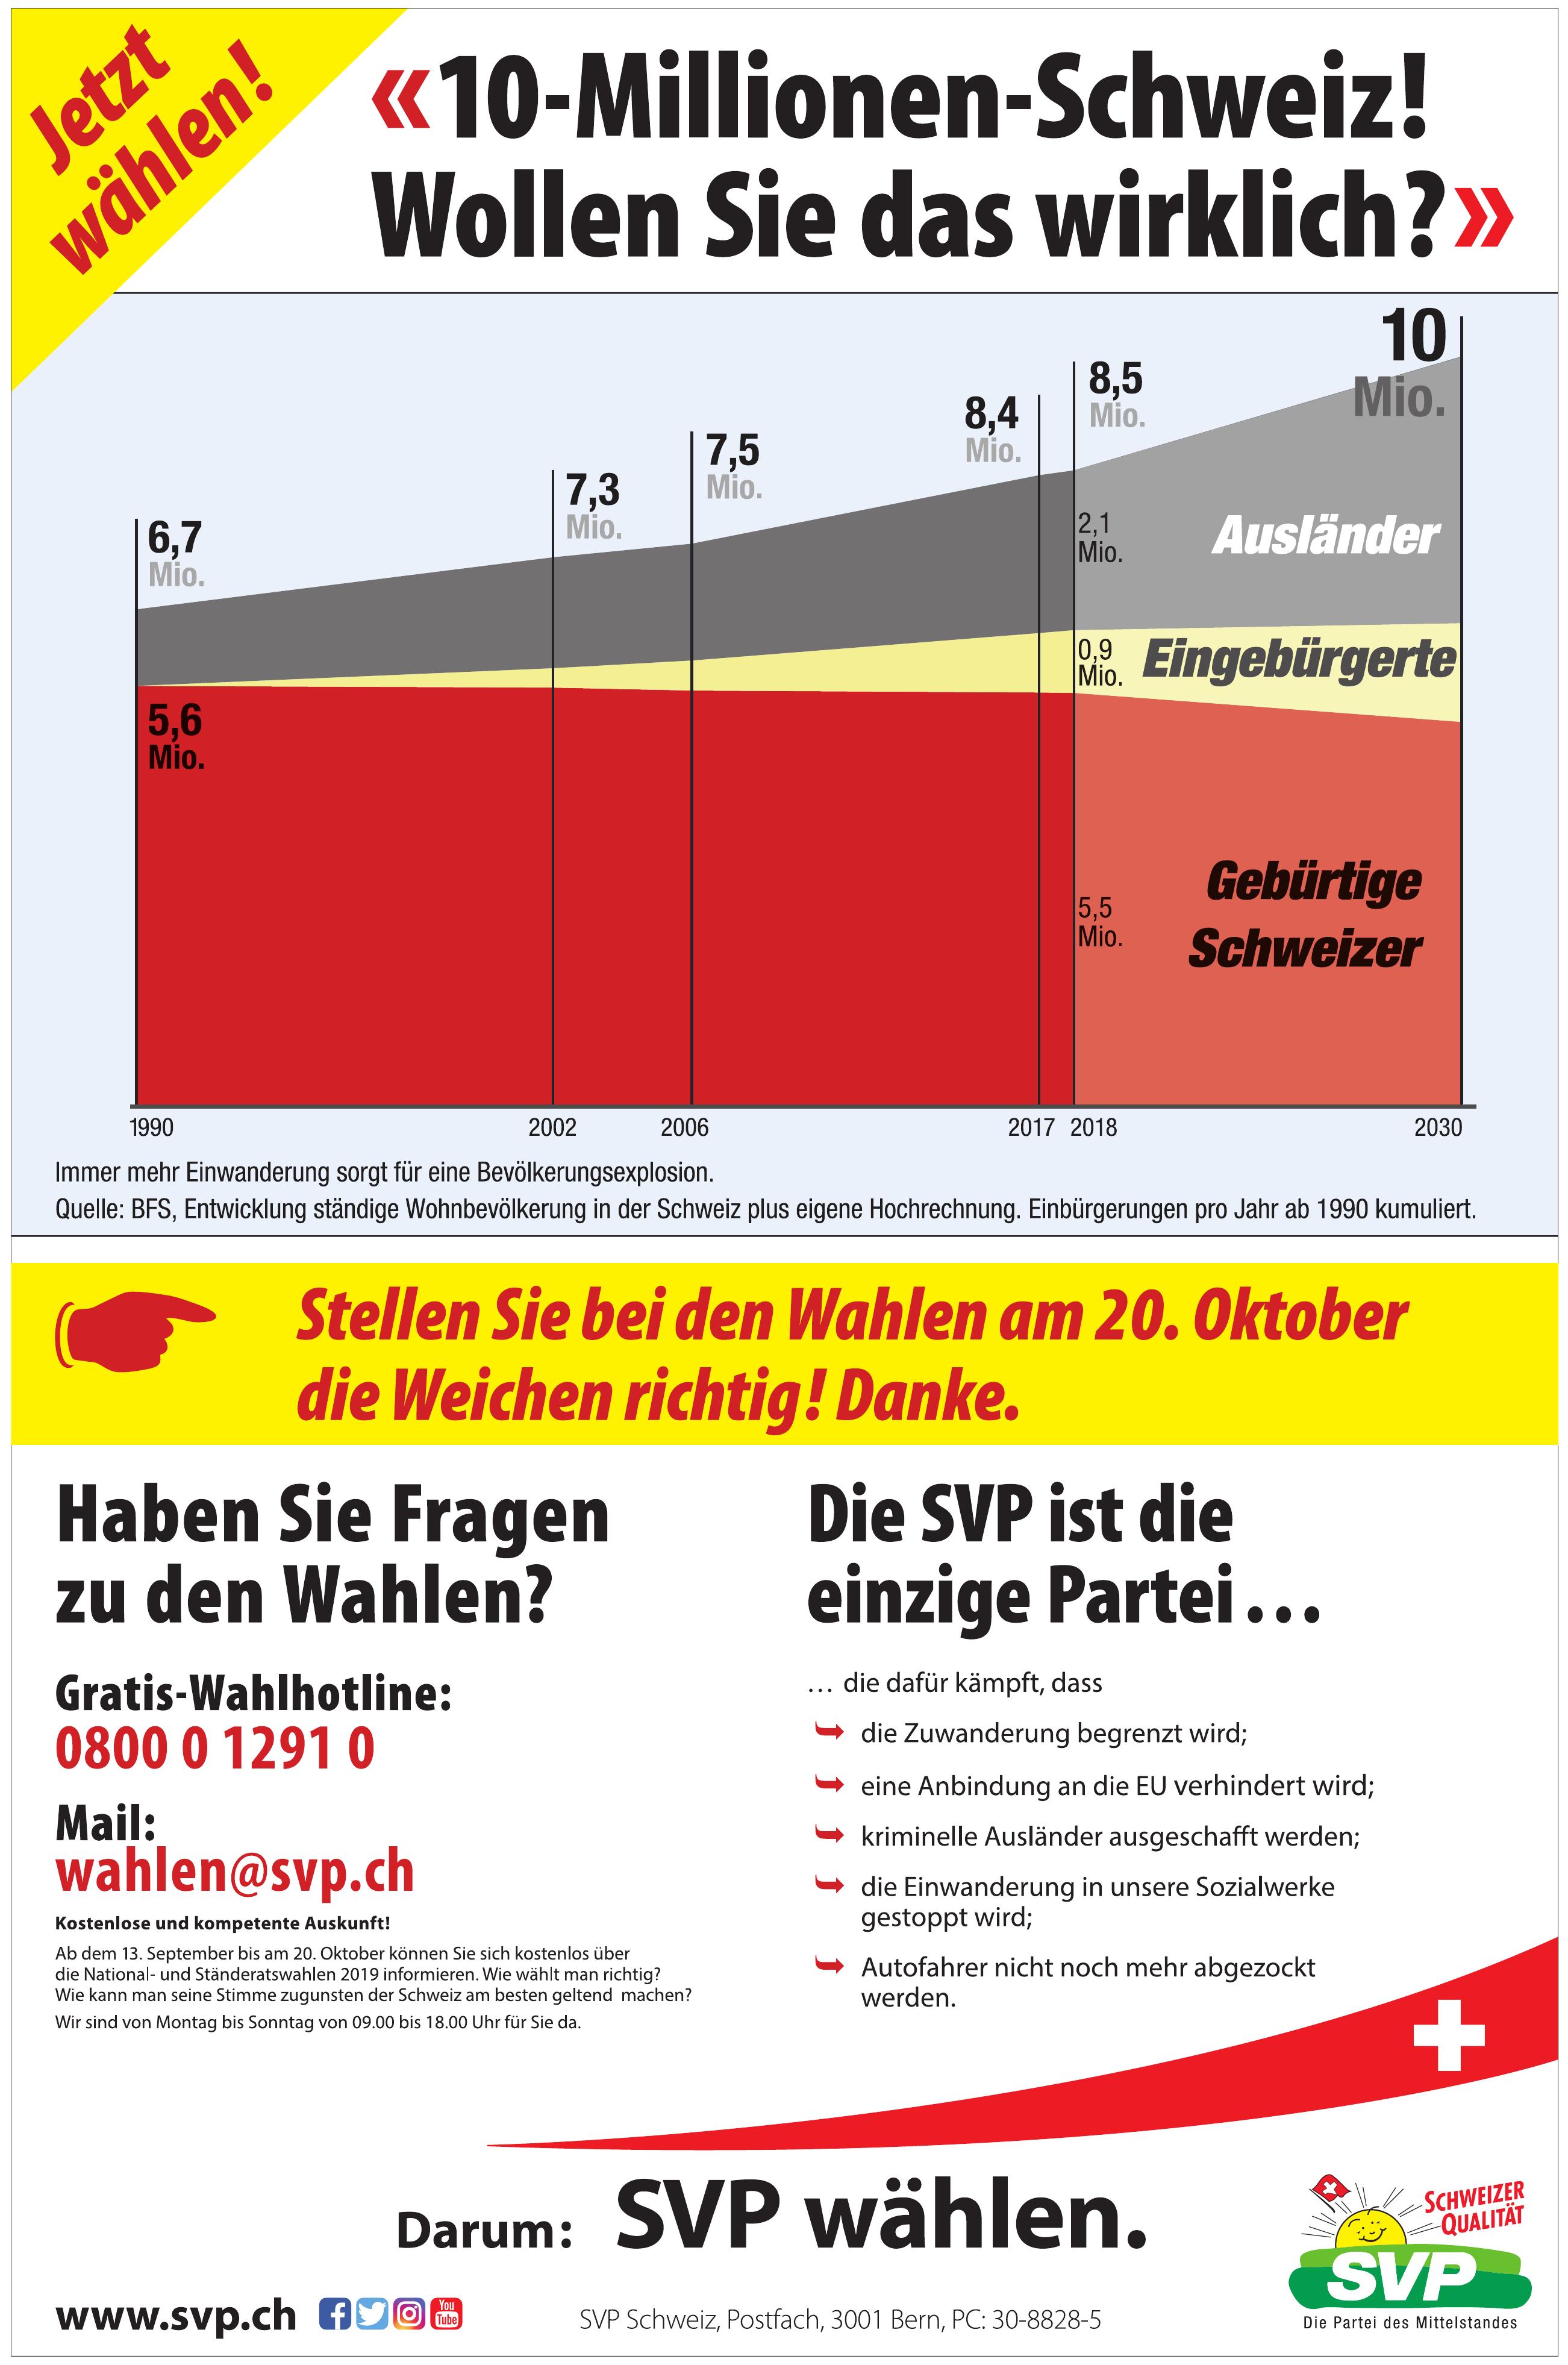 SVP - Die Partei des Mittelstandes